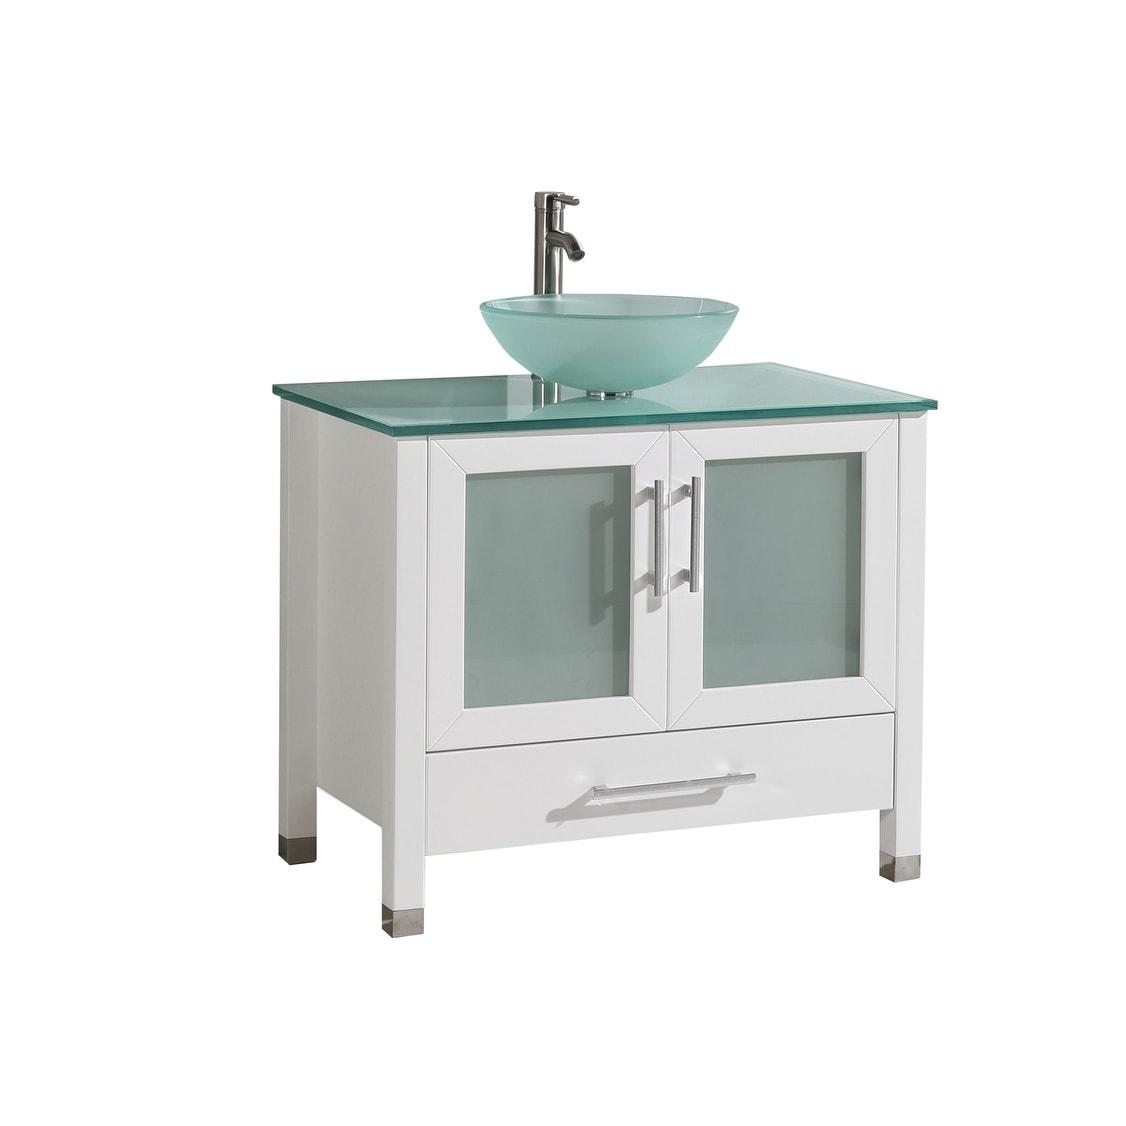 Cuba 36 Inch Single Sink Bathroom Vanity Set Overstock 10410752